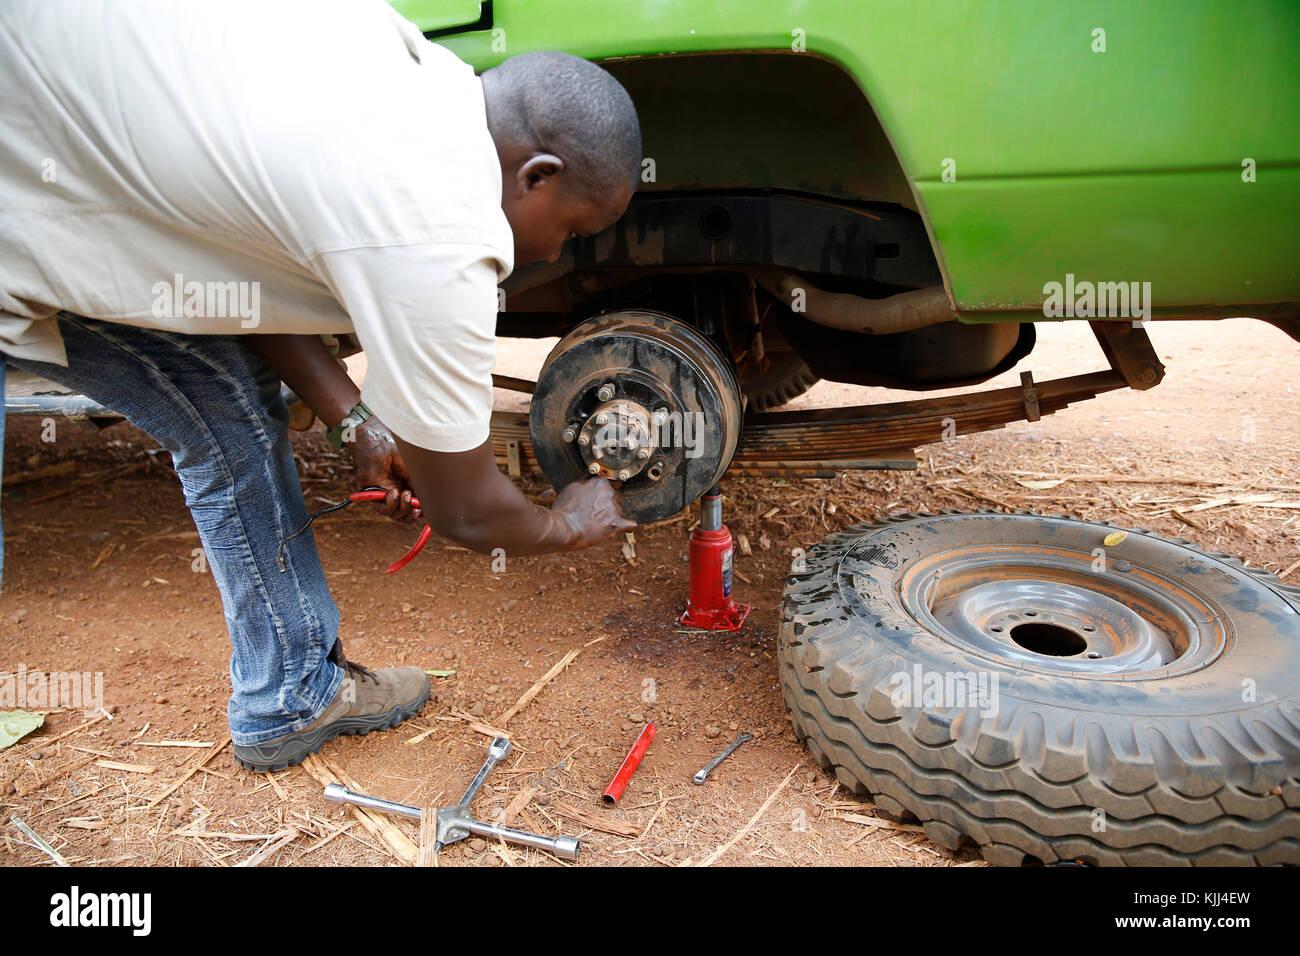 Car breakdown in Uganda. Uganda - Stock Image